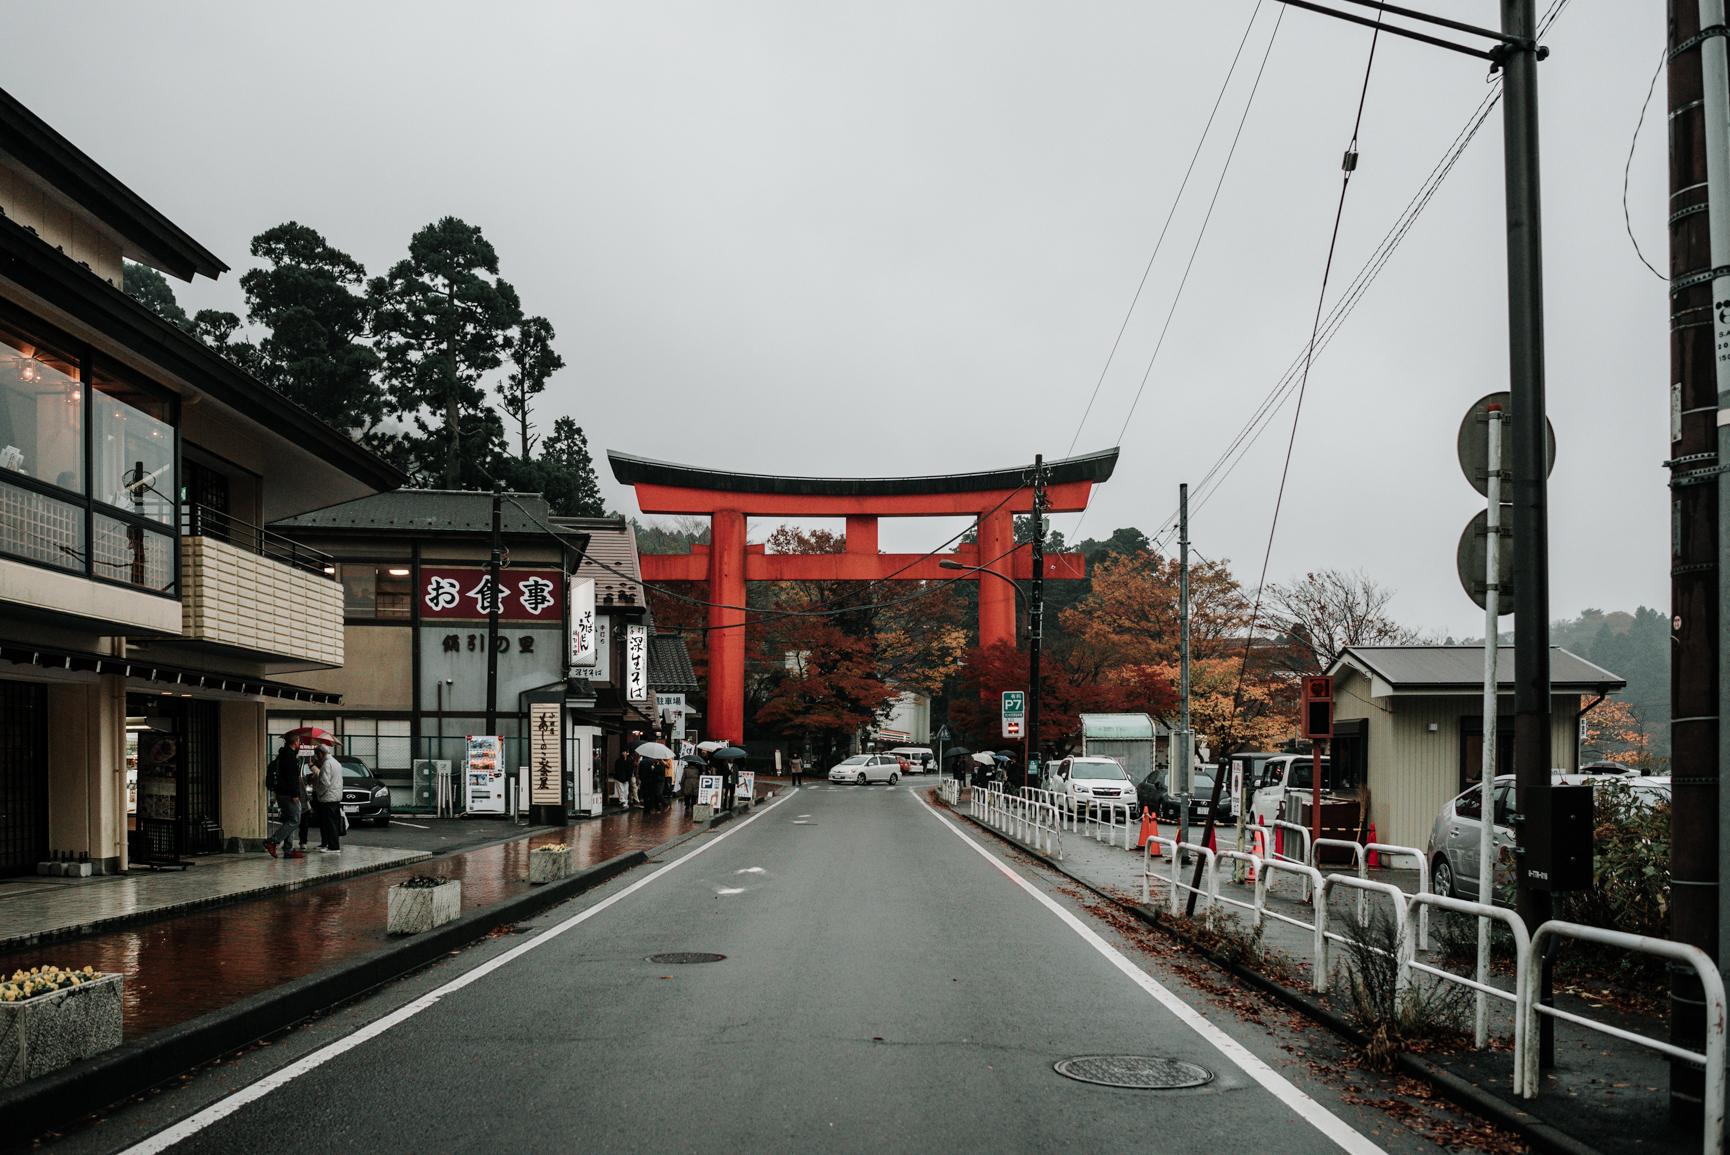 161119-Japan-5003207-124424-0404.jpg